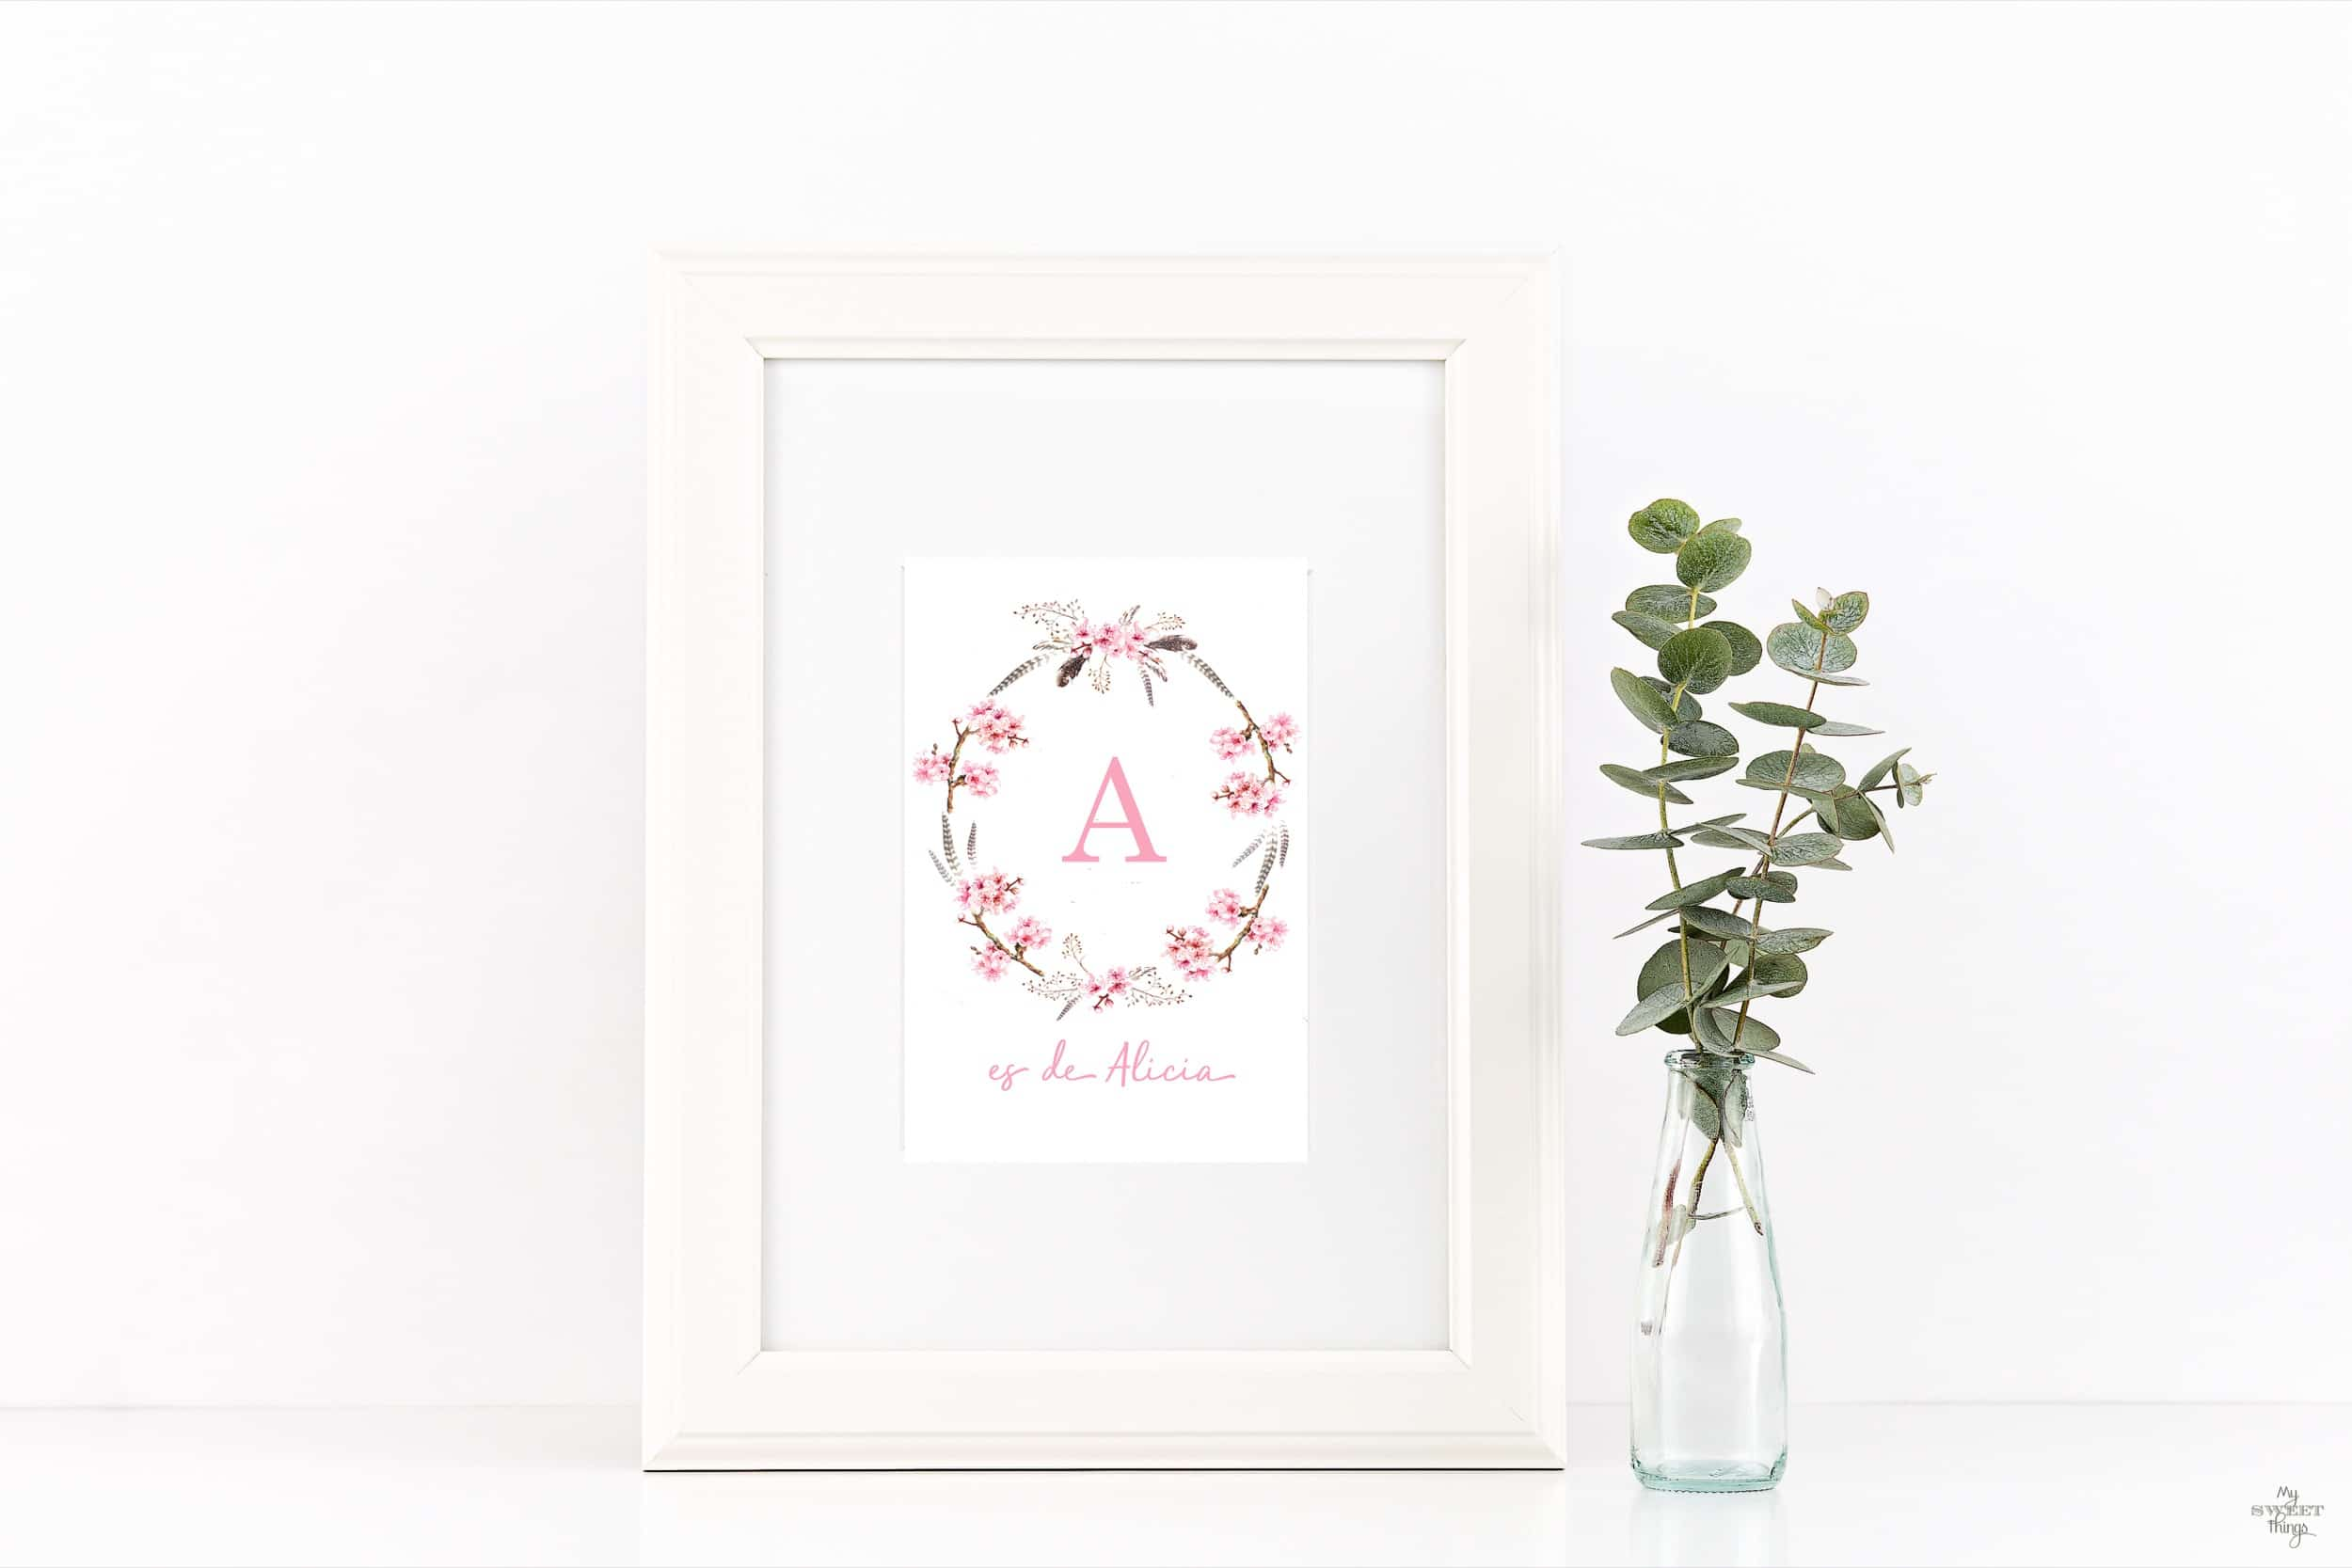 Cómo decorar de forma original la habitación de tu bebé · Complementos y decoración · Monograma con inicial y nombre · Via www.sweethings.net